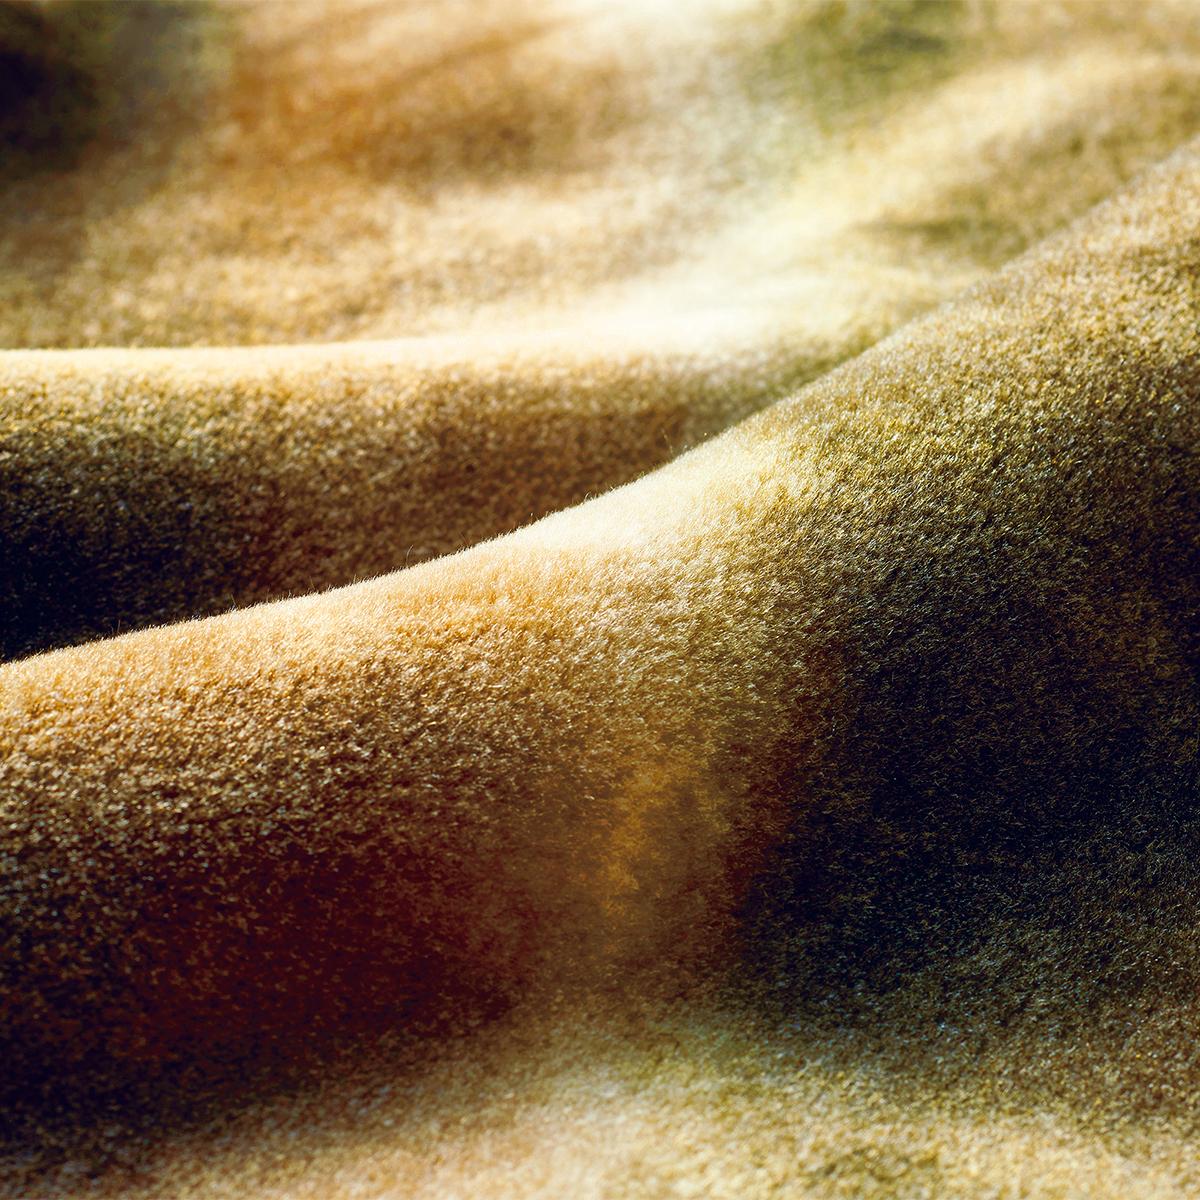 肌触りも格別。触れると、しっとりとしたなめらかさは、まるでビロードのよう。暖かさはもう当たり前、軽さとなめらかさも実現した「毛布」|CALDONIDO NOTTEⅡ(カルドニード ノッテ)